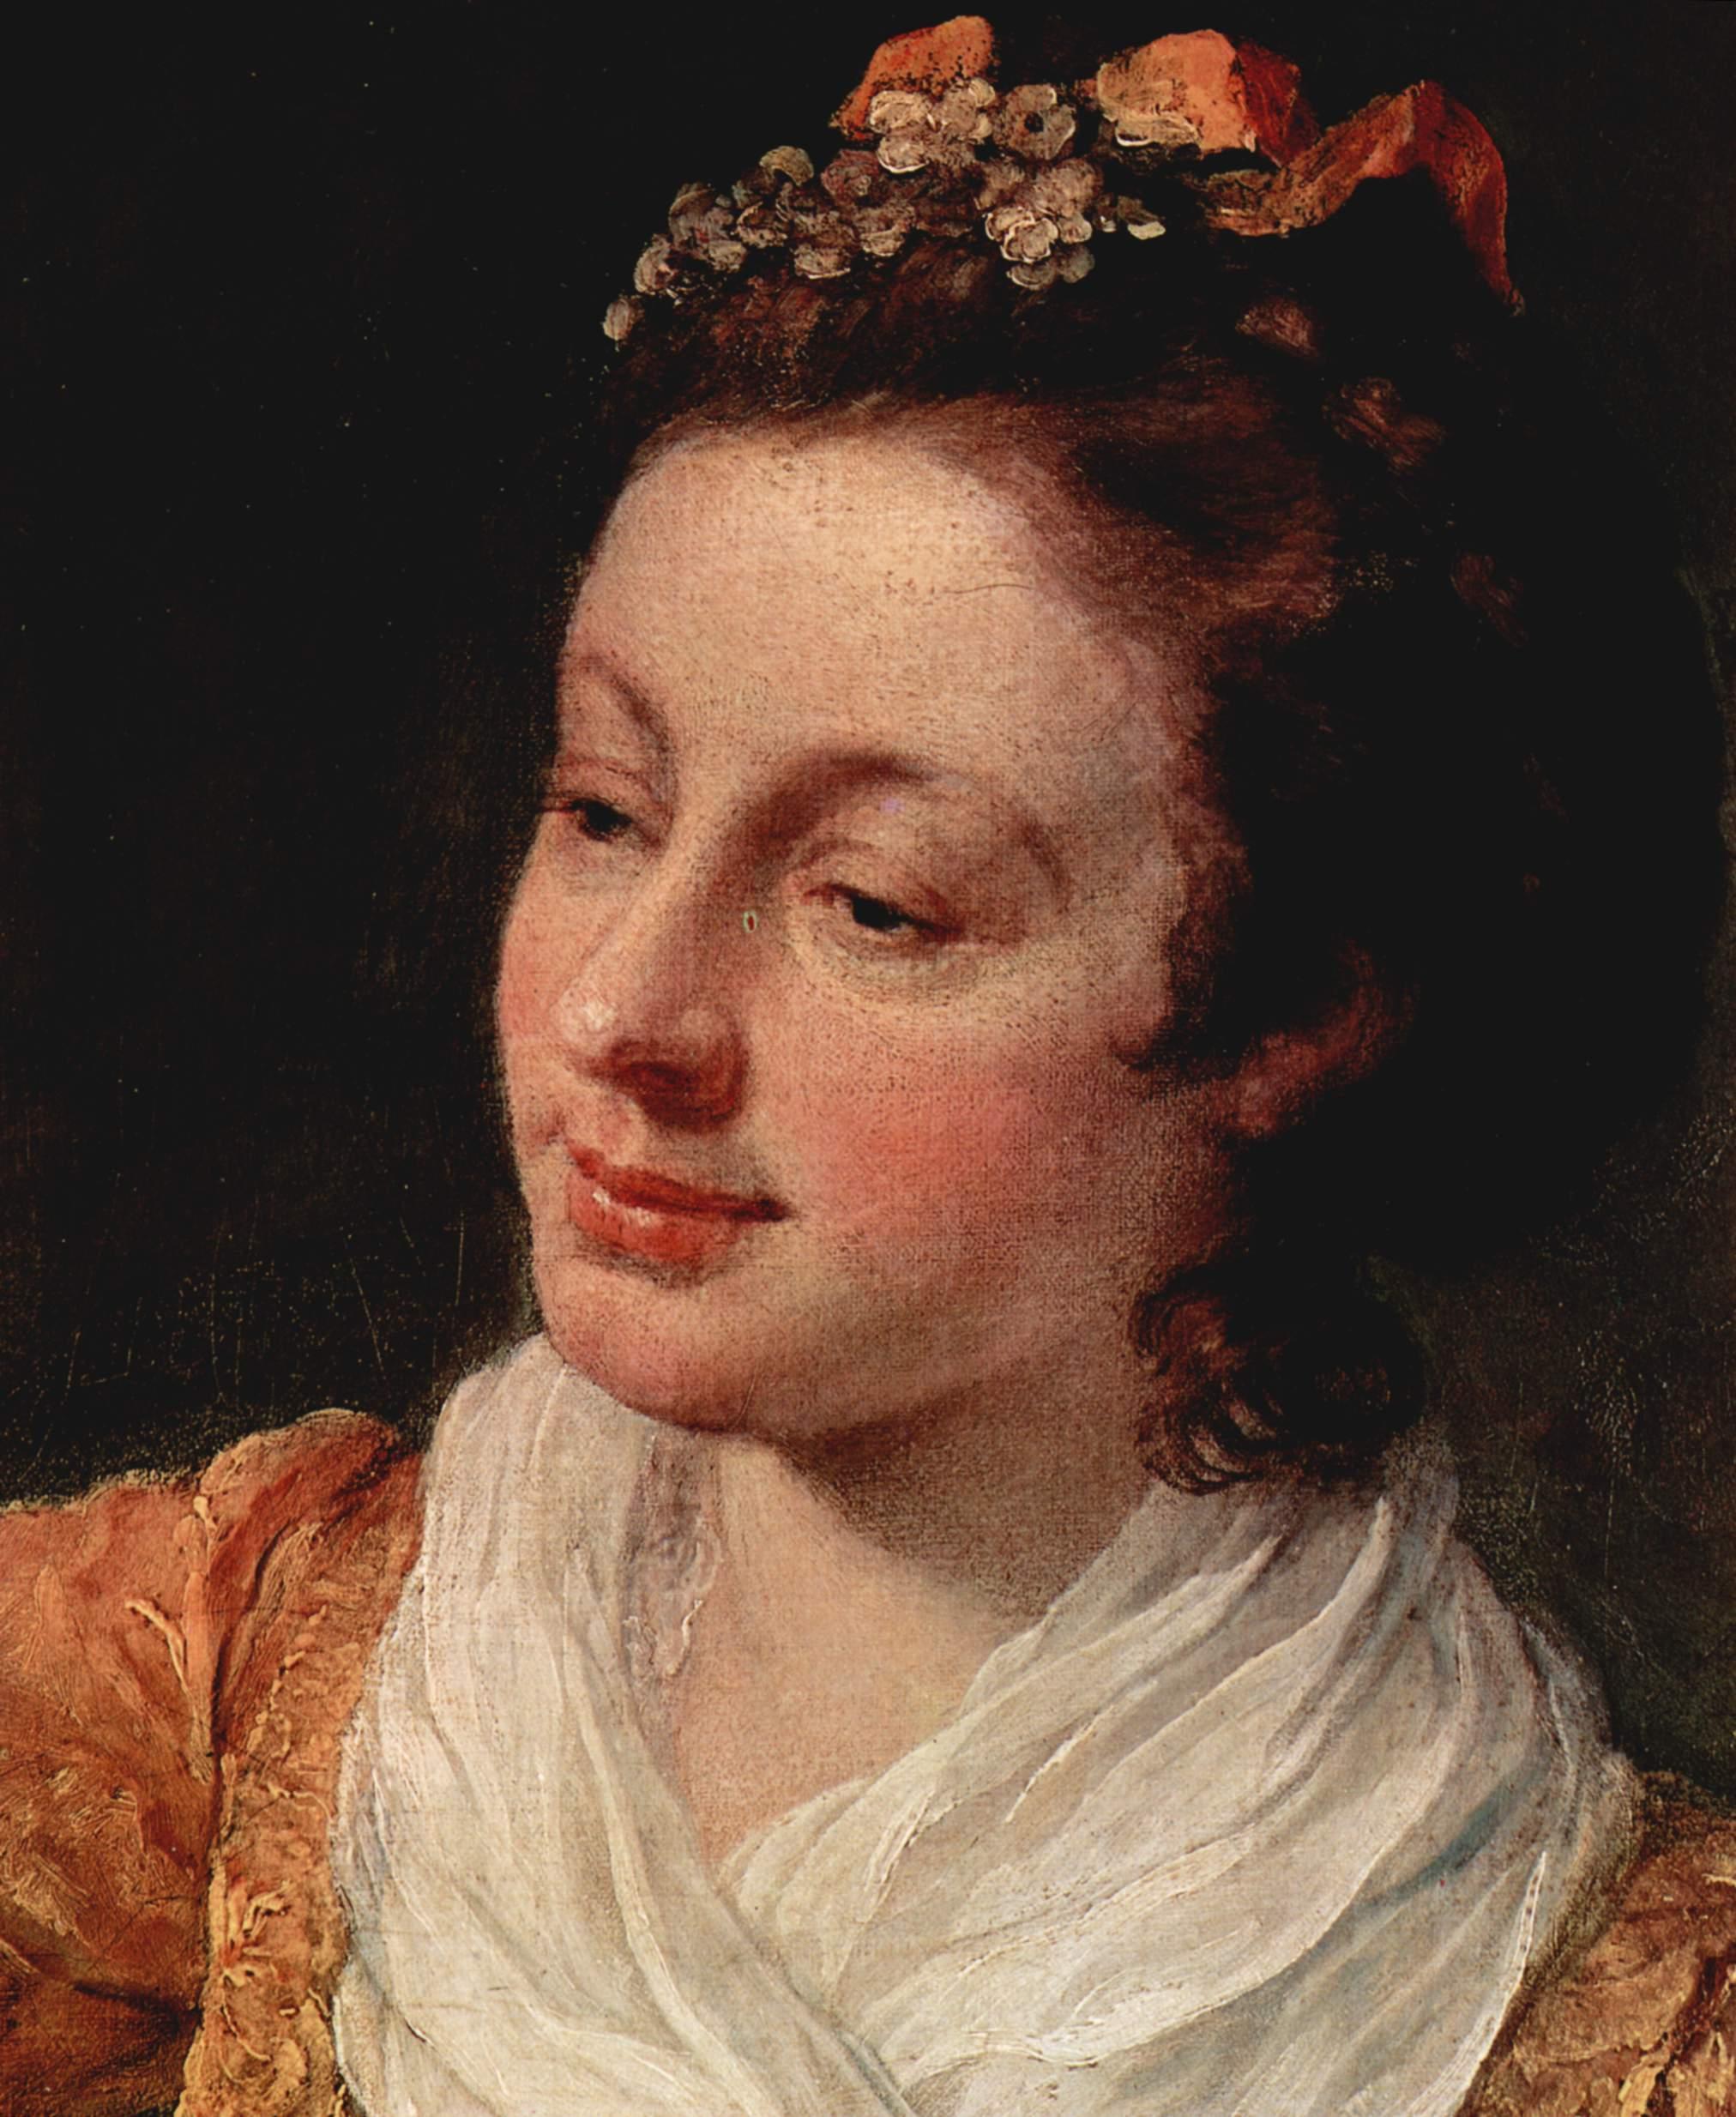 Из собрания шедевров мировой живописи... (168).jpg